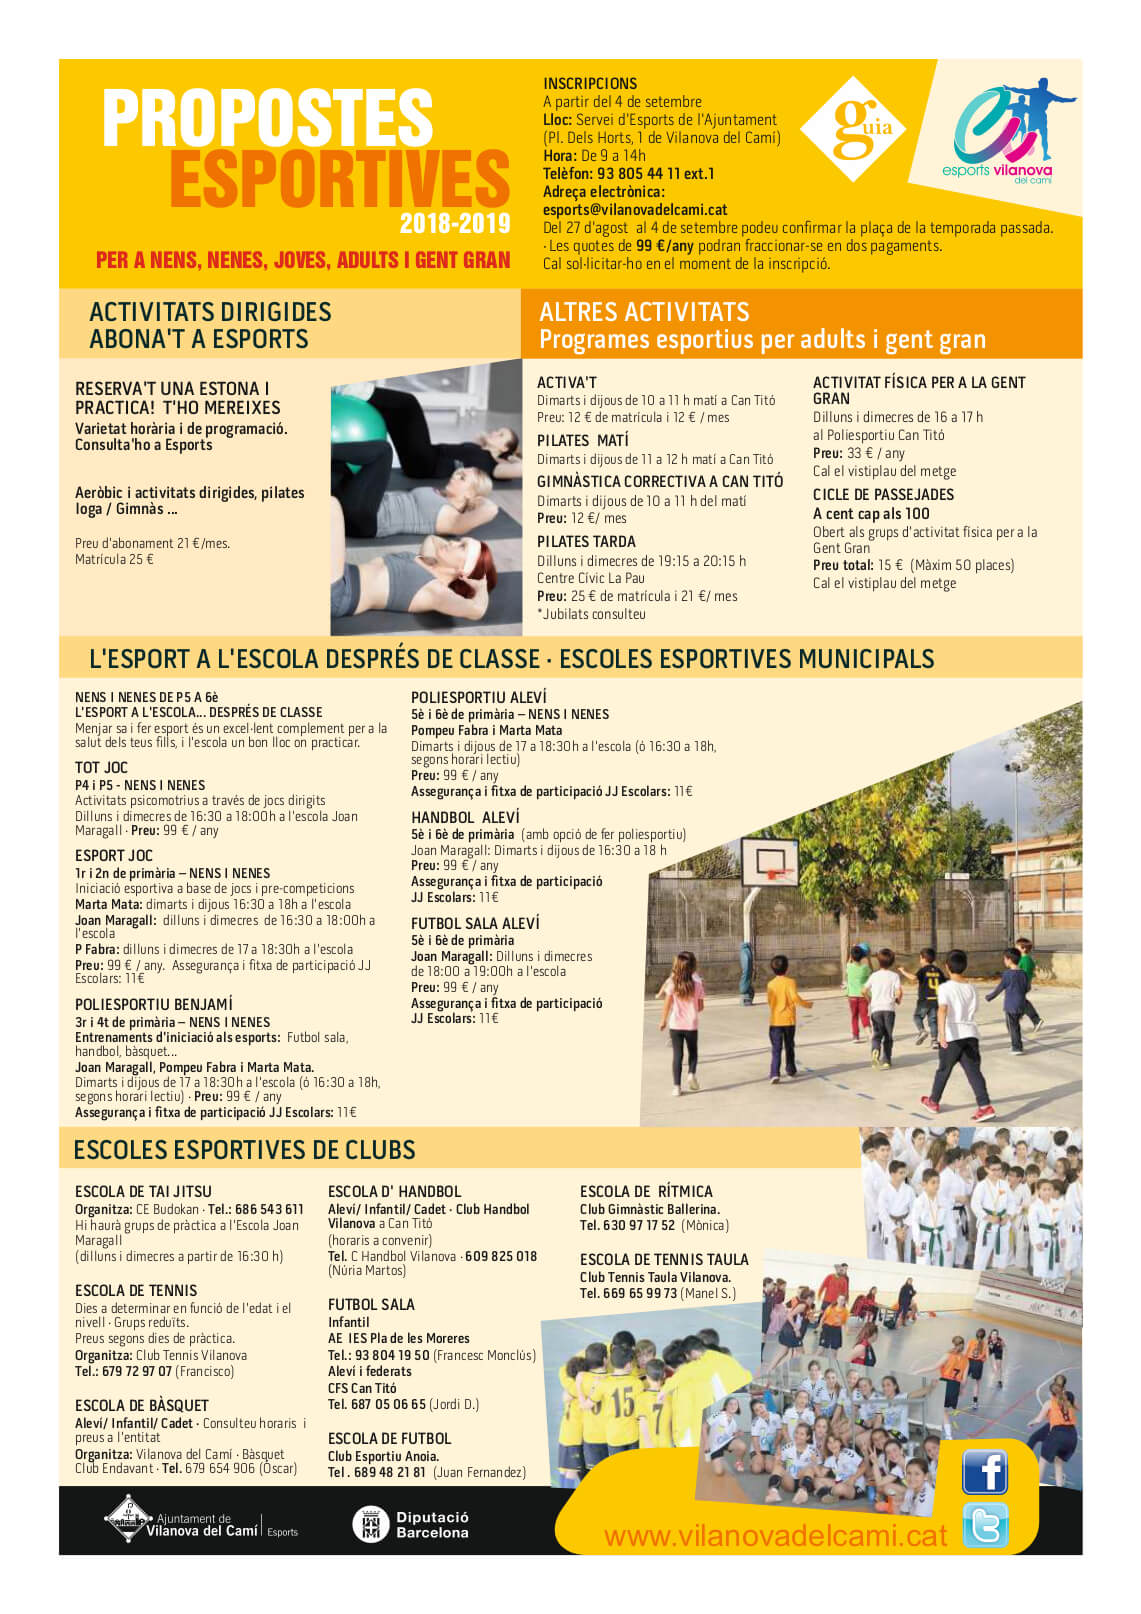 propostes esportives 2018_2019 2propostes esportives 2018_2019 2